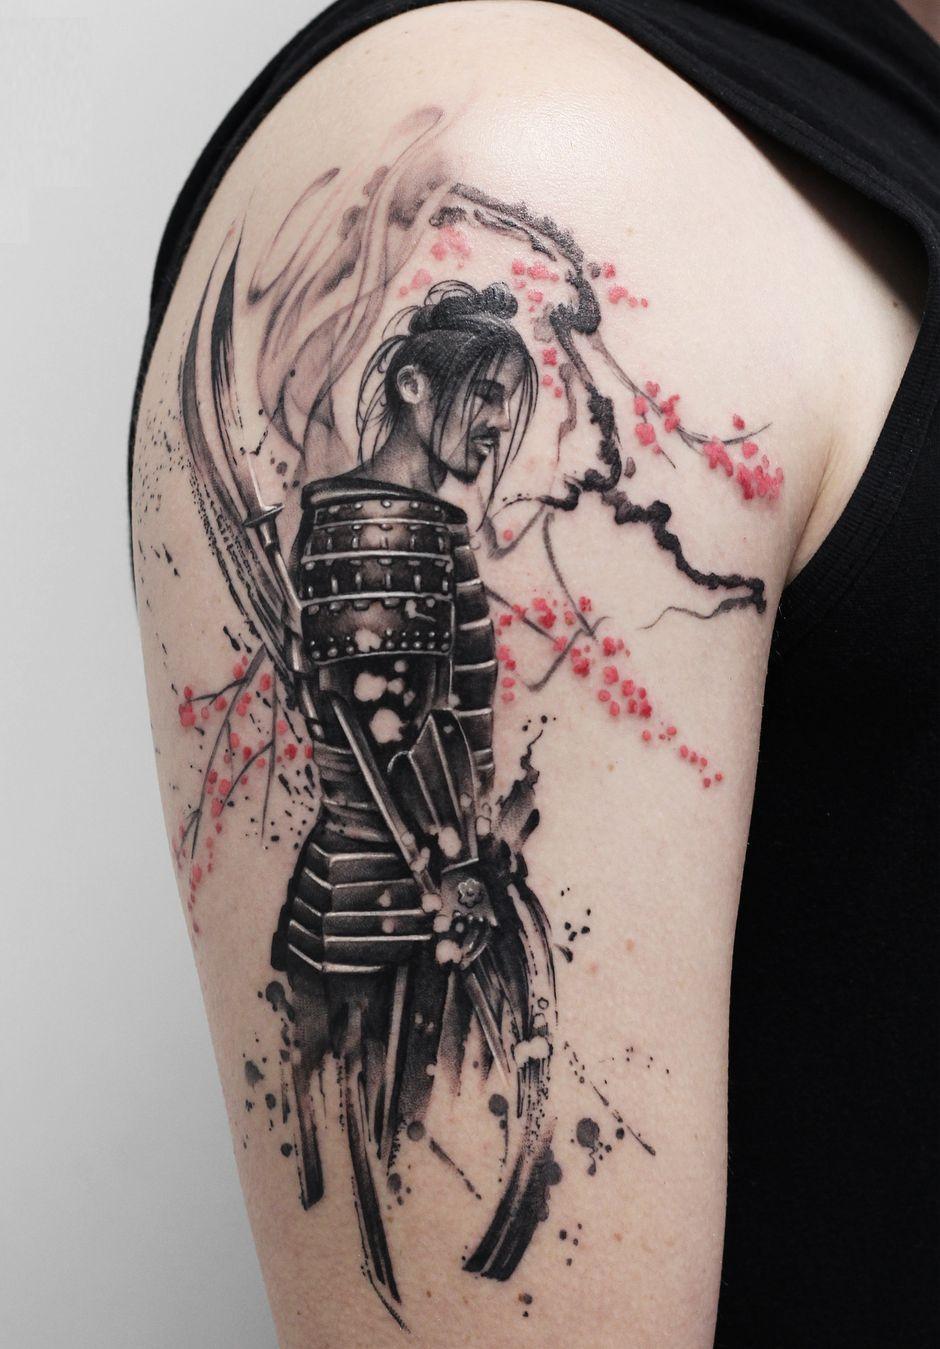 Deborah Genchi Creates Incredibly Versatile Tattoos